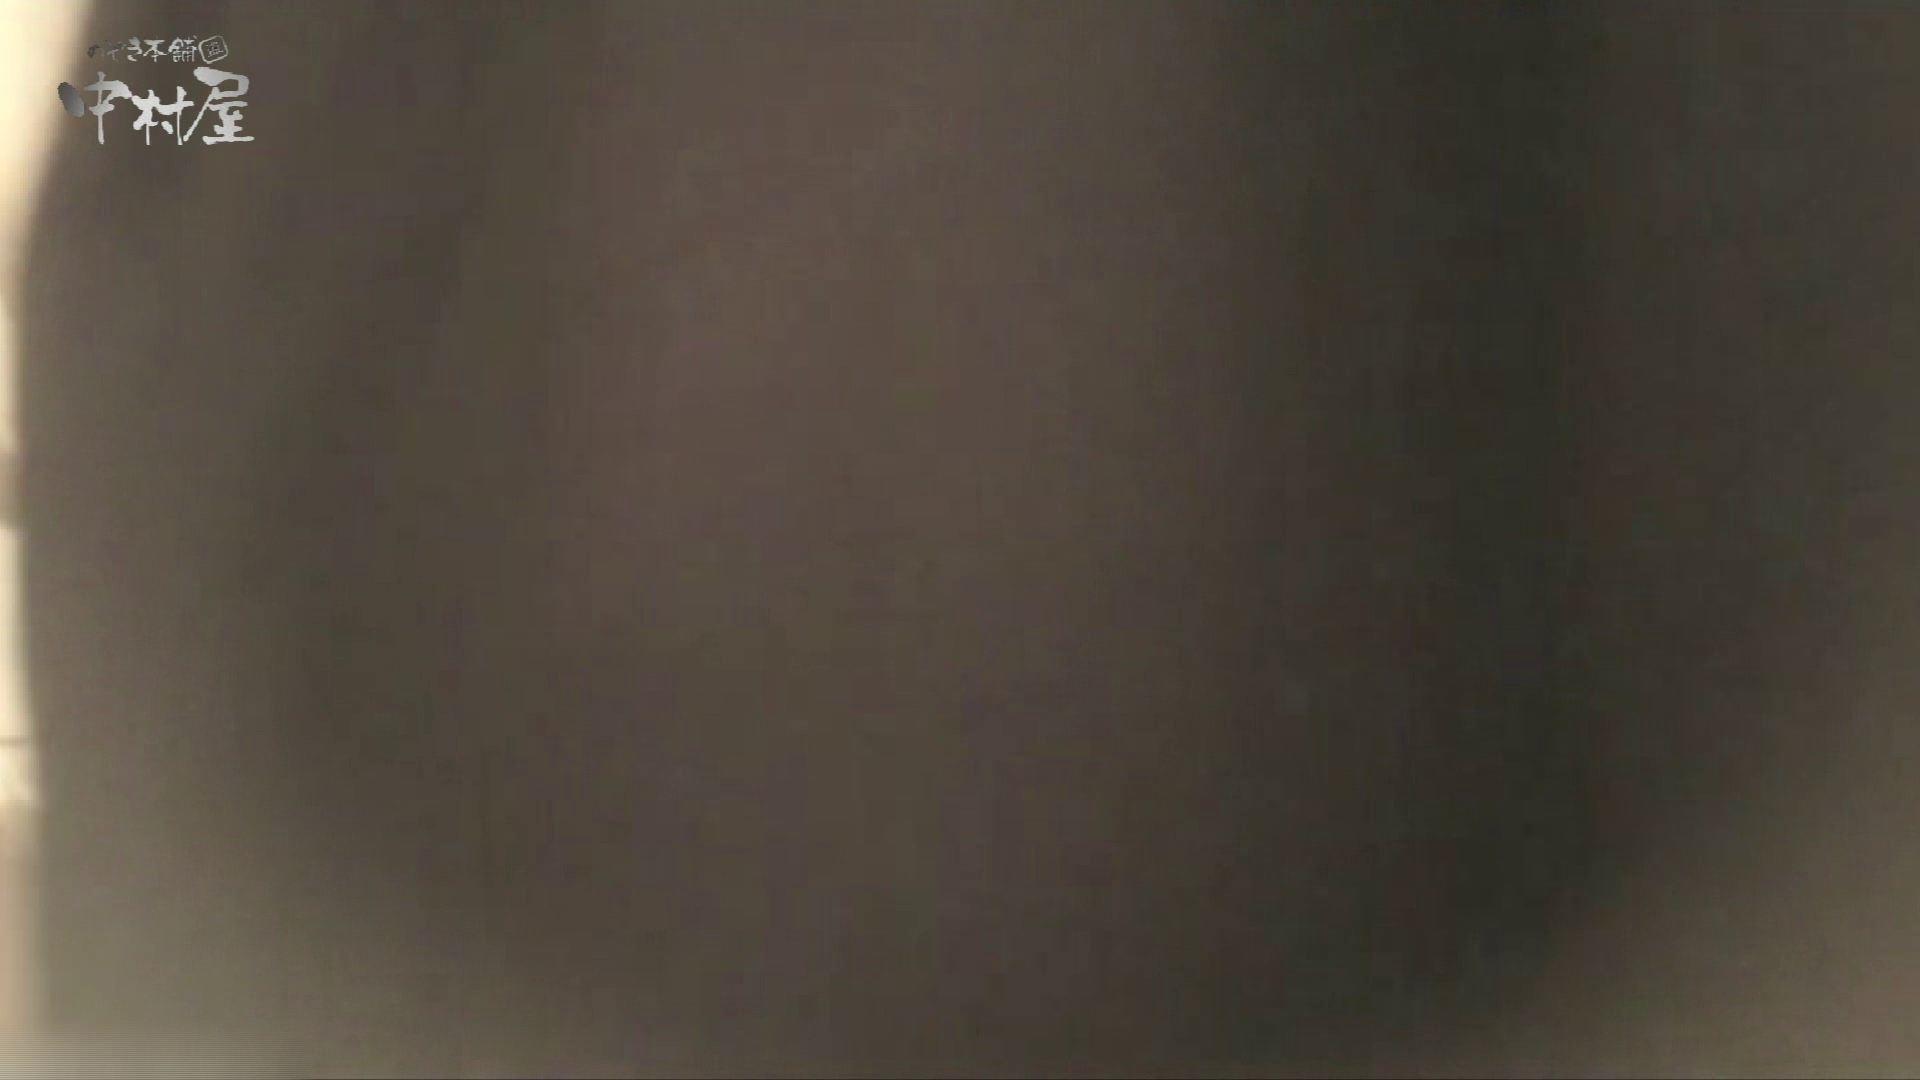 ティーンガールのトイレ覗き‼vol.25 覗き えろ無修正画像 106PIX 70